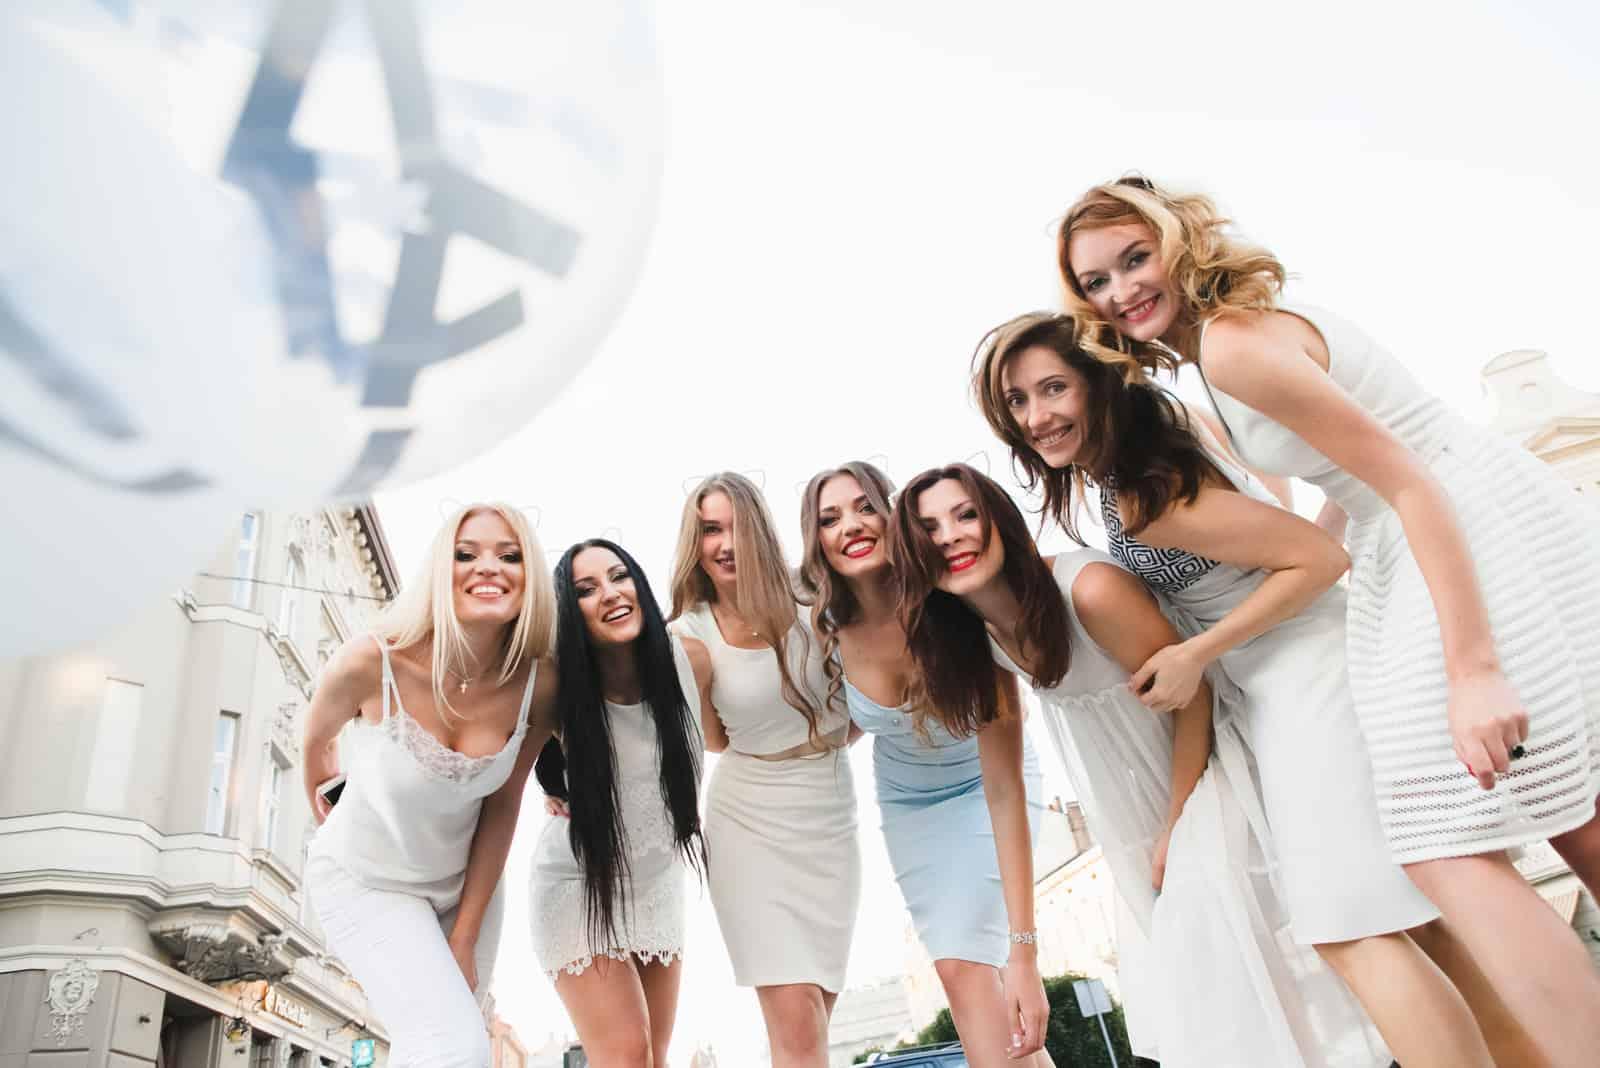 Eine Gruppe schöner Mädchen hat Spaß in der Stadt